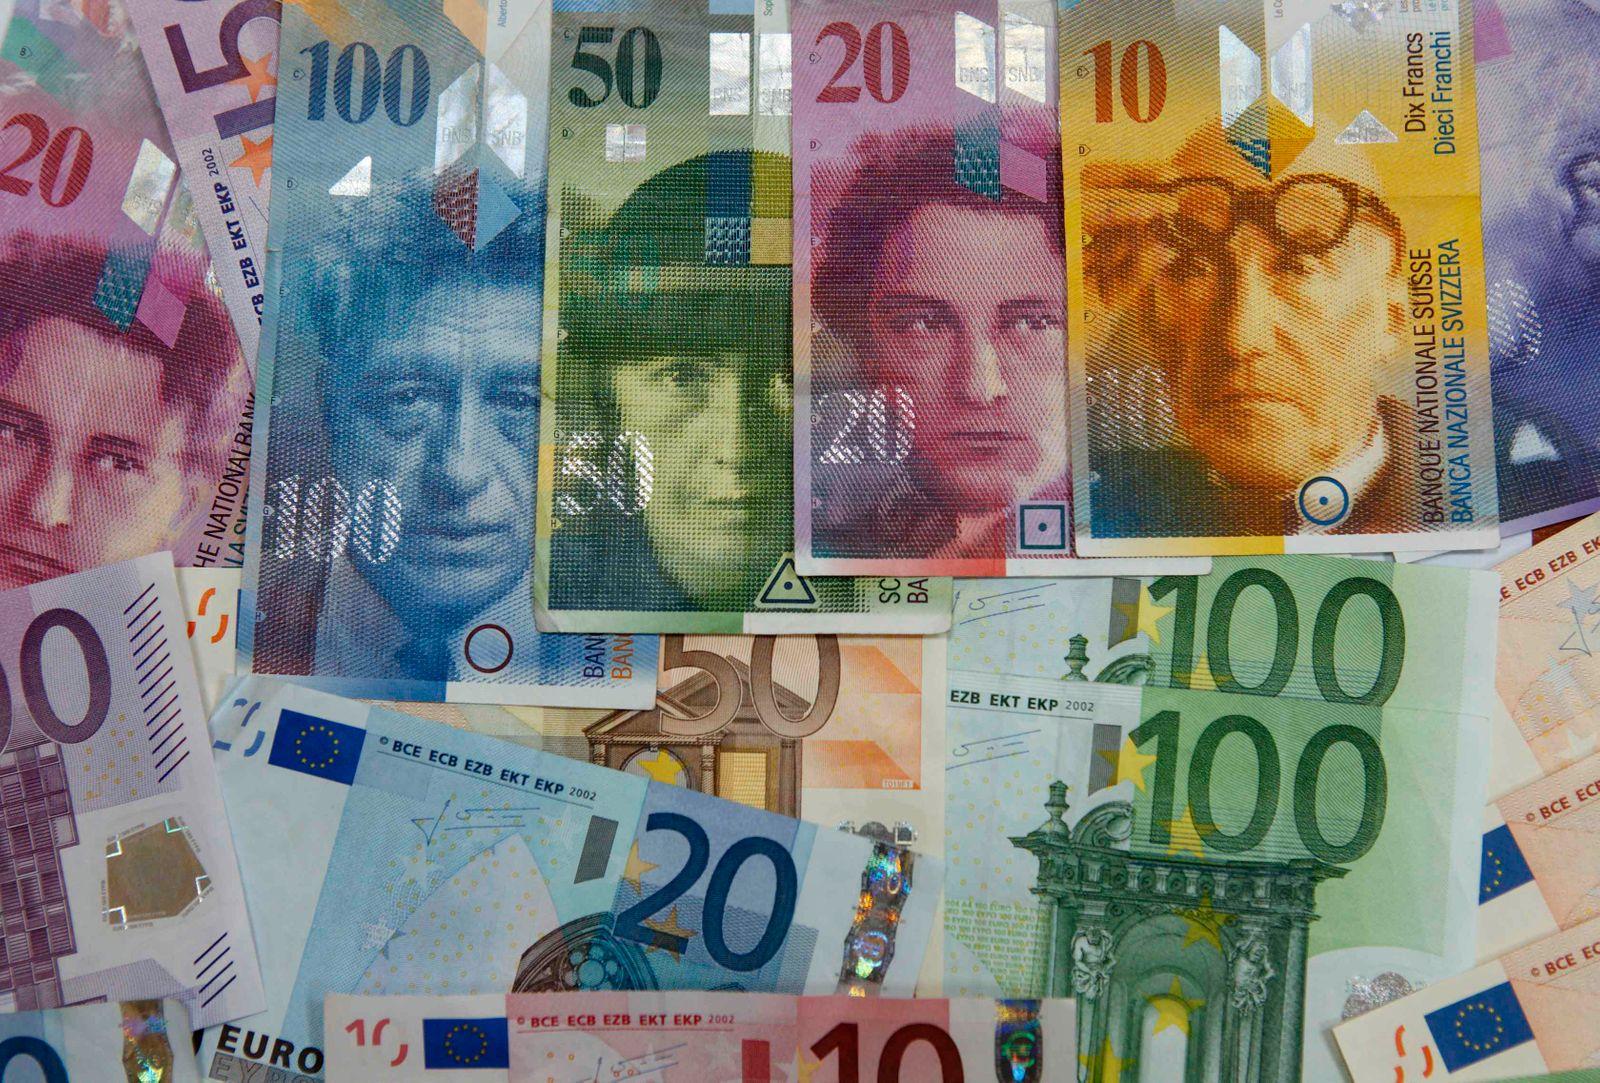 Schweizer Franken / Euro / Euroscheine / Geldscheine / Geld